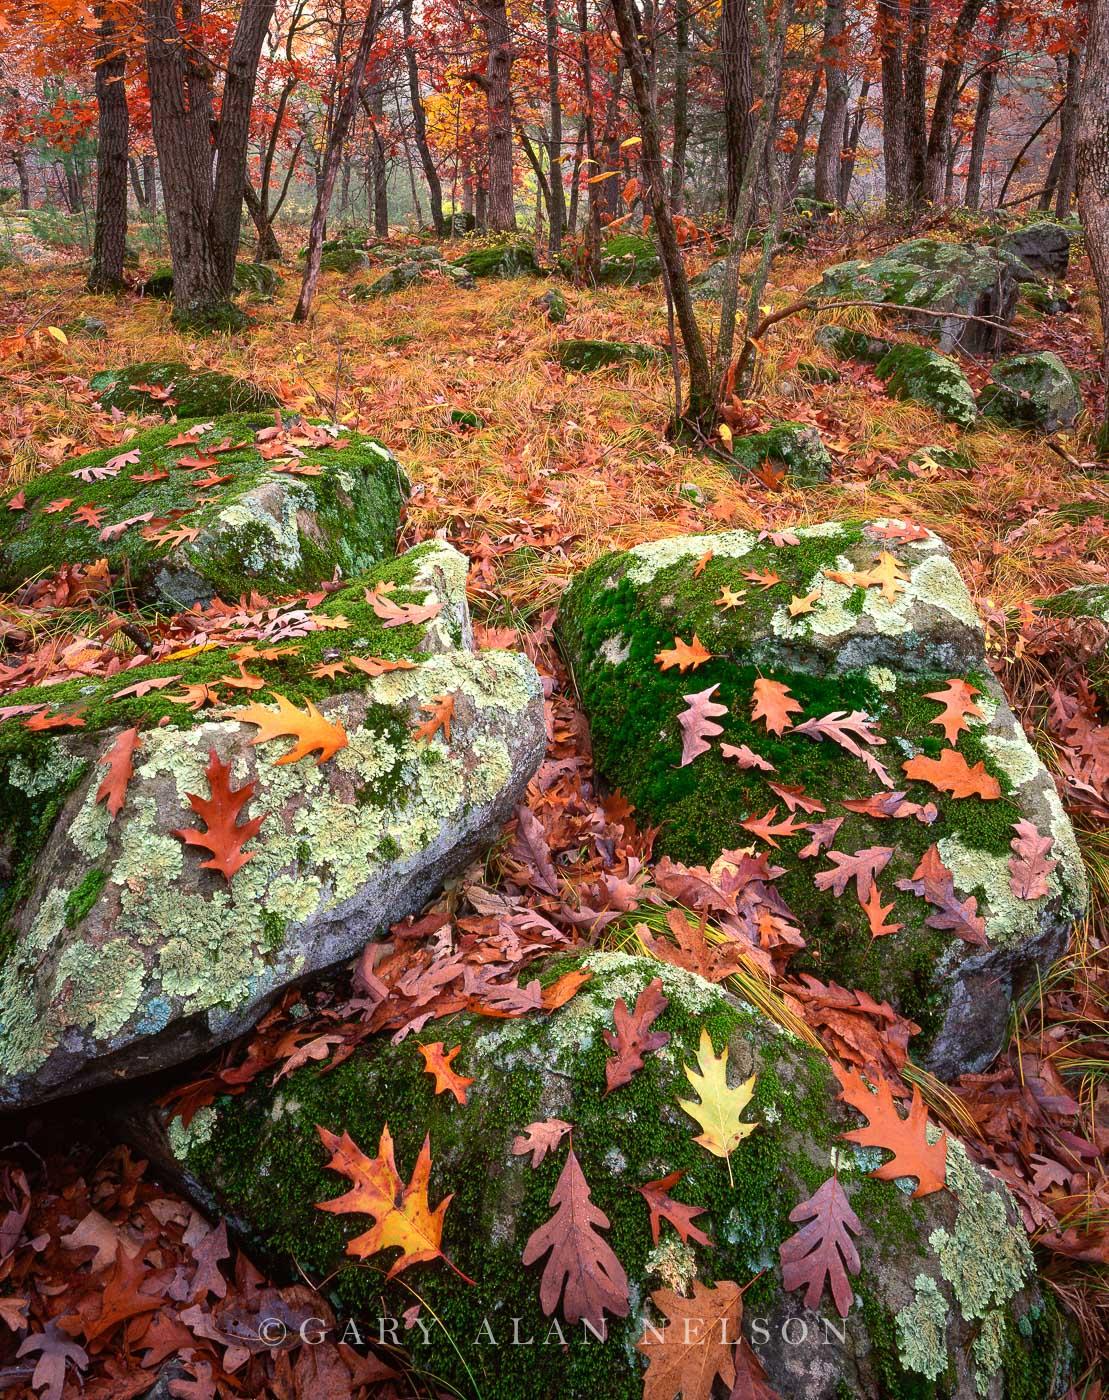 st. croix river, oaks, boulders, photo